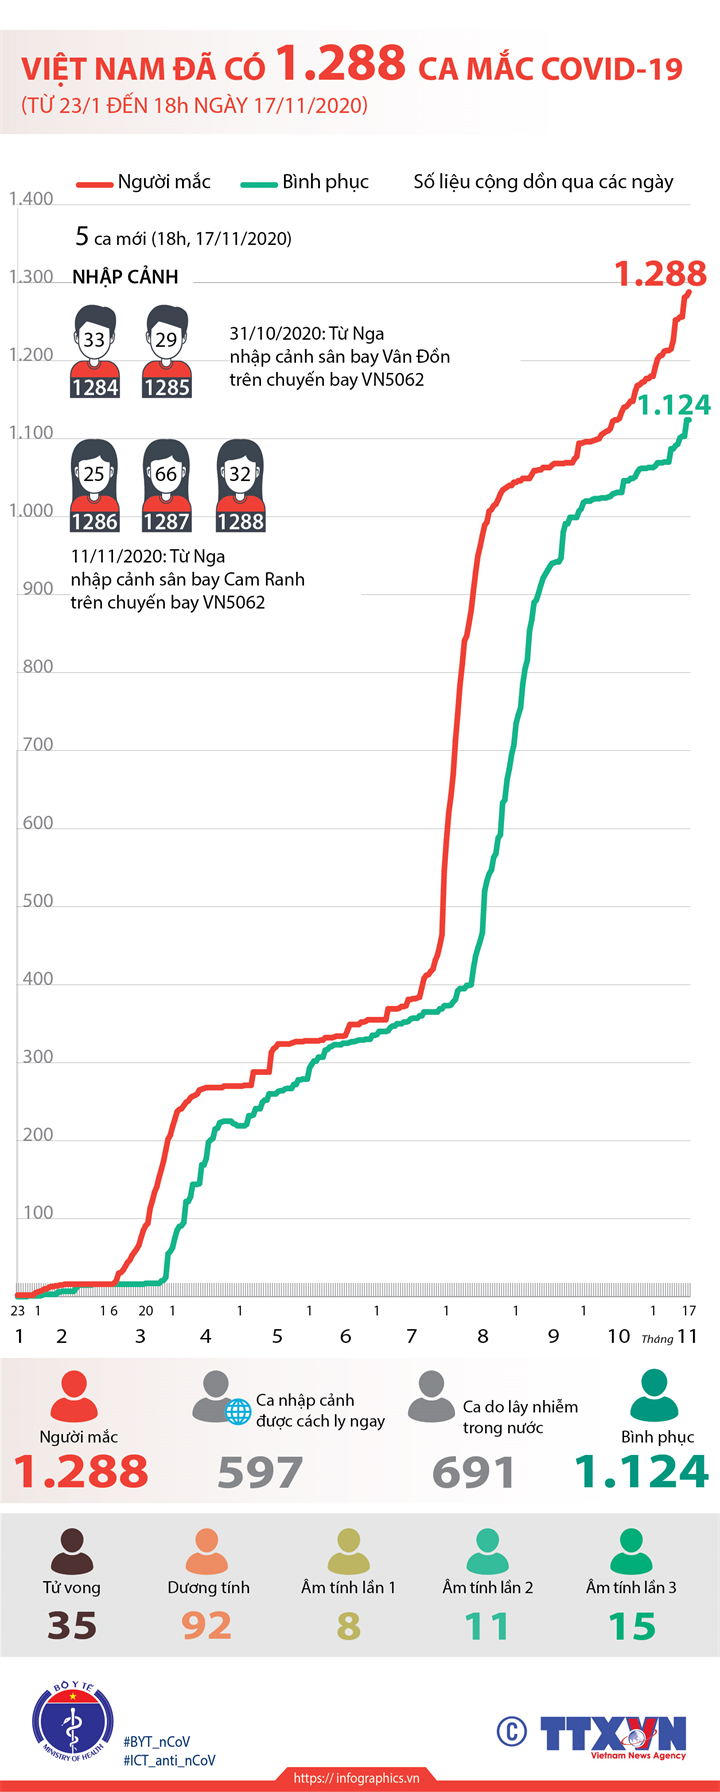 Việt Nam đã có 1.288 ca mắc COVID-19 (từ 23/1 đến 18h ngày 17/11/2020)